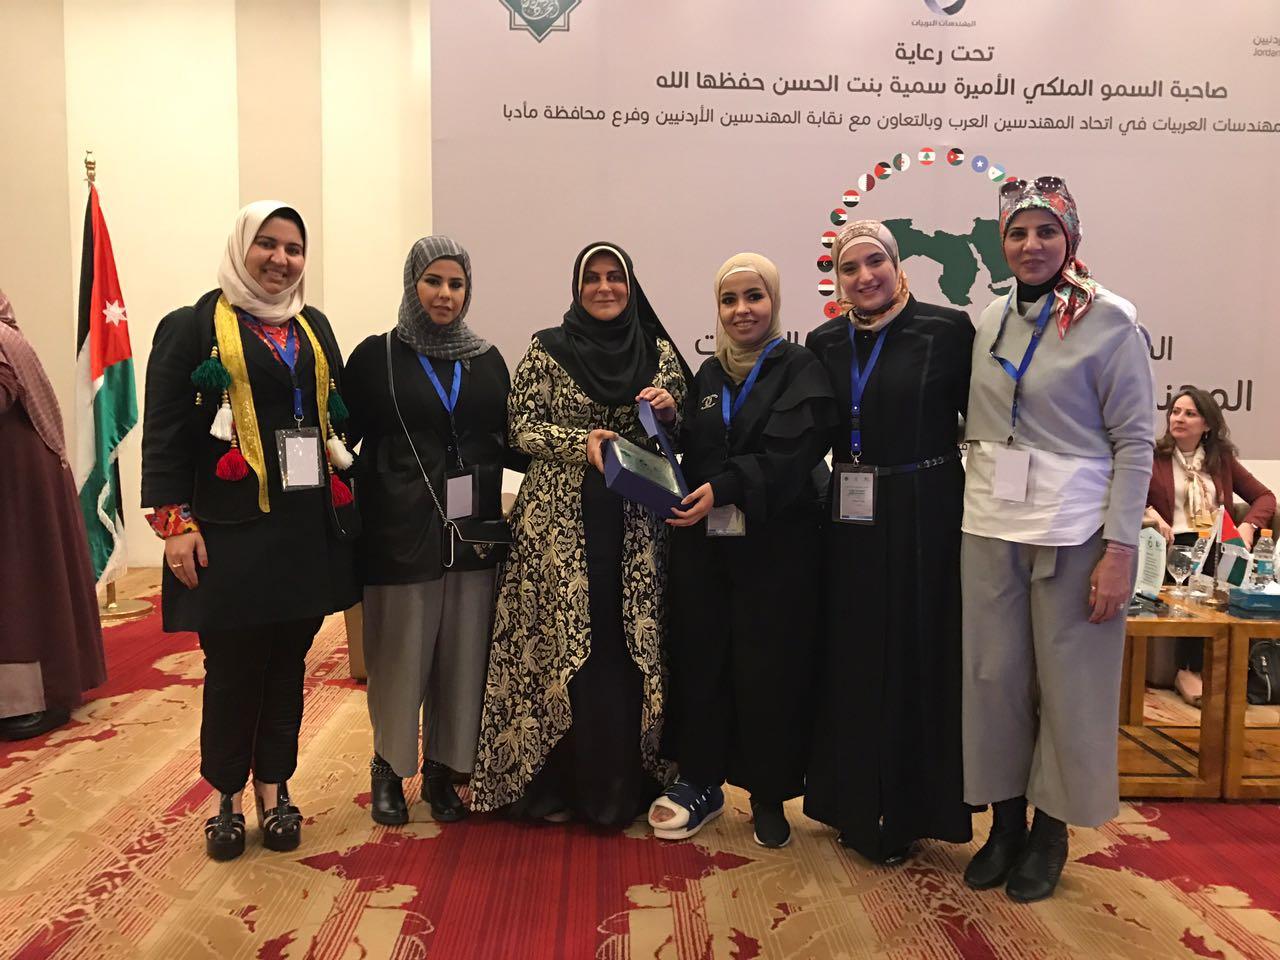 مشاركة فاعلة للكويتيات في ملتقى المهندسة العربية بالأدرن